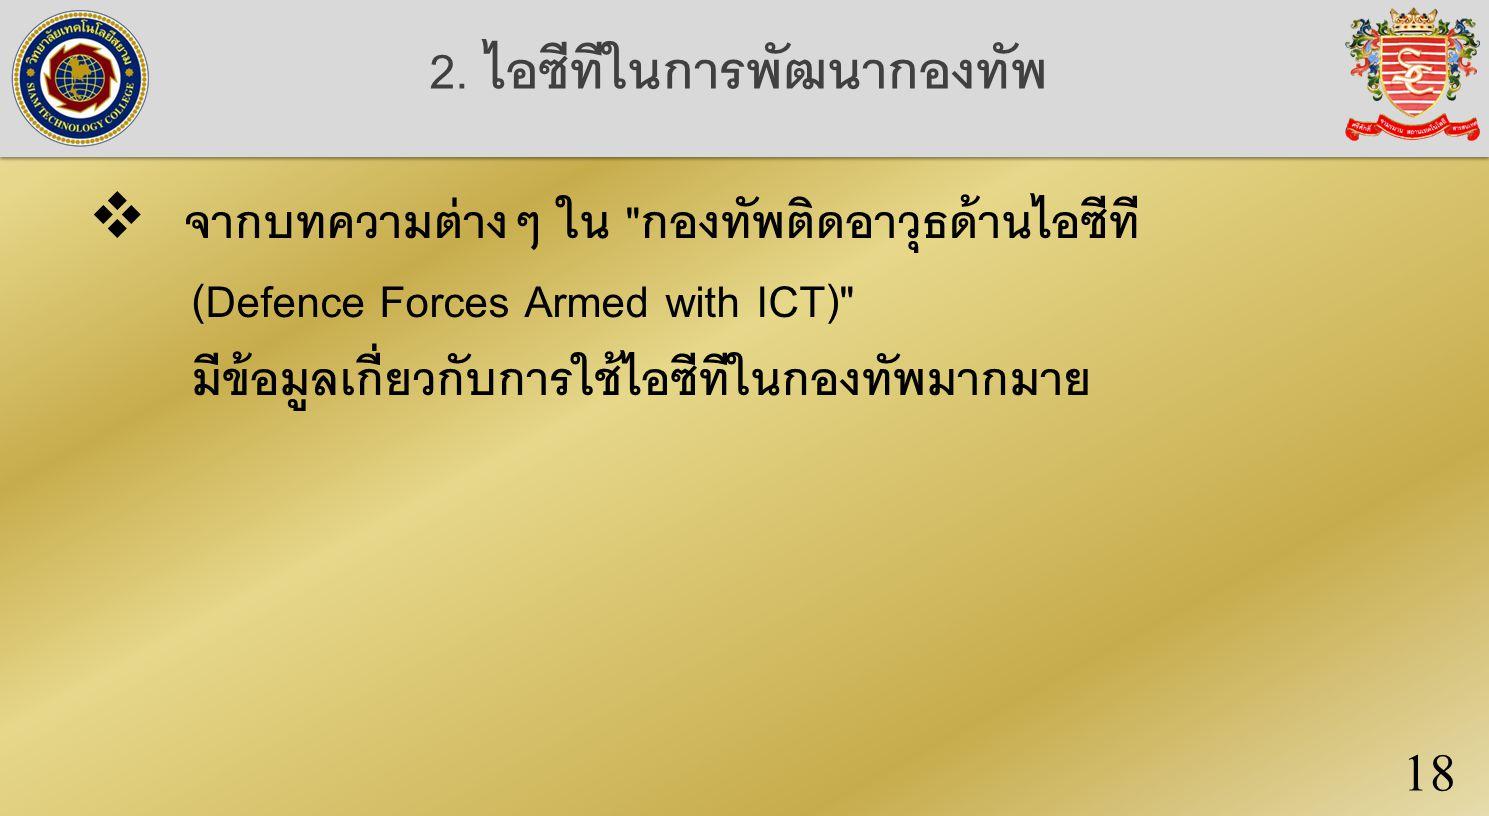 2. ไอซีทีในการพัฒนากองทัพ  จากบทความต่างๆ ใน